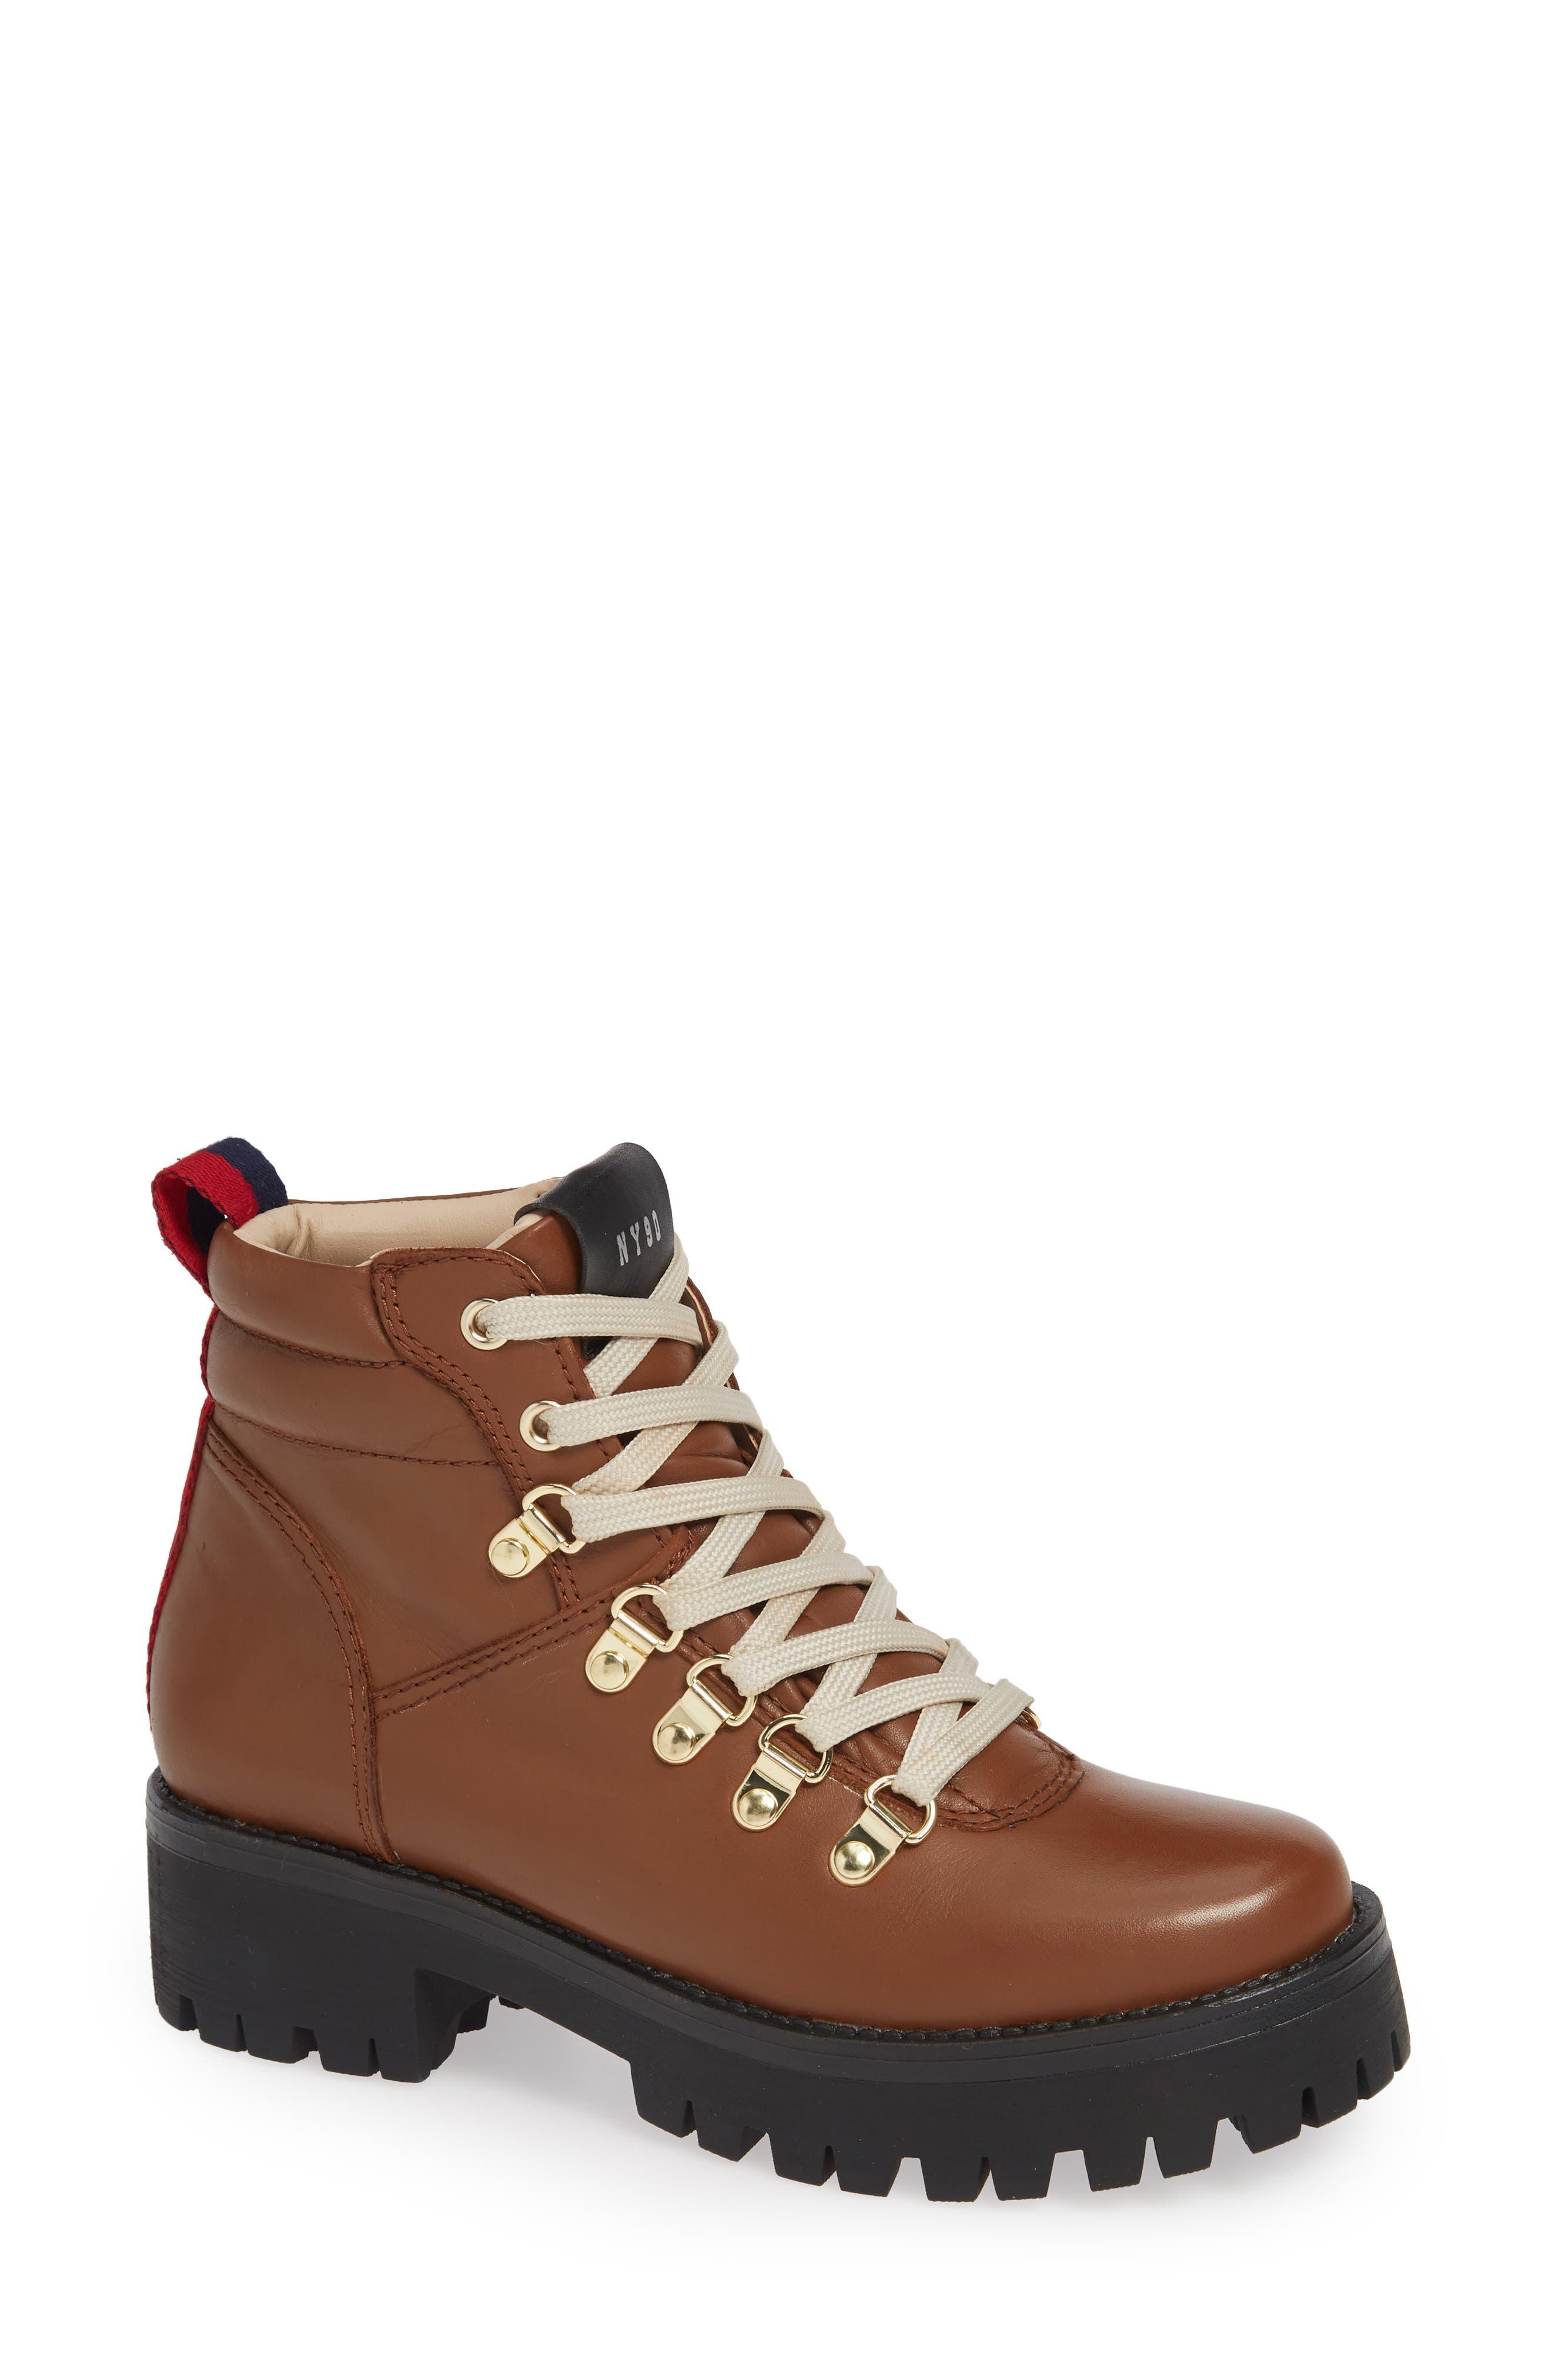 Steve Madden Buzzer Boot, Brown